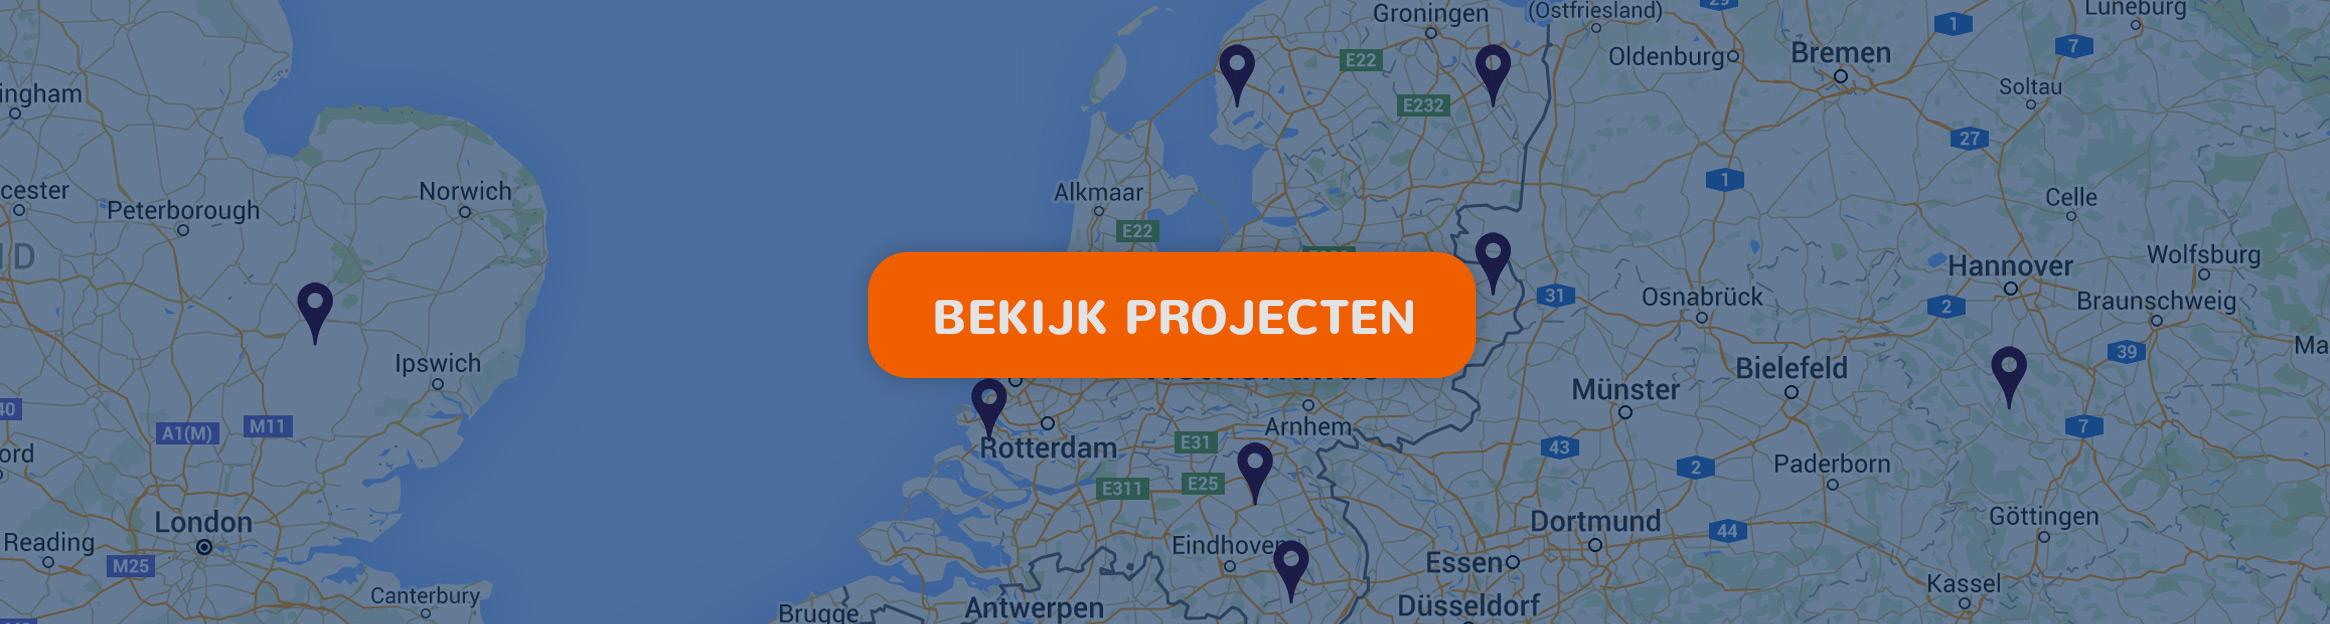 Opgeleverde projecten